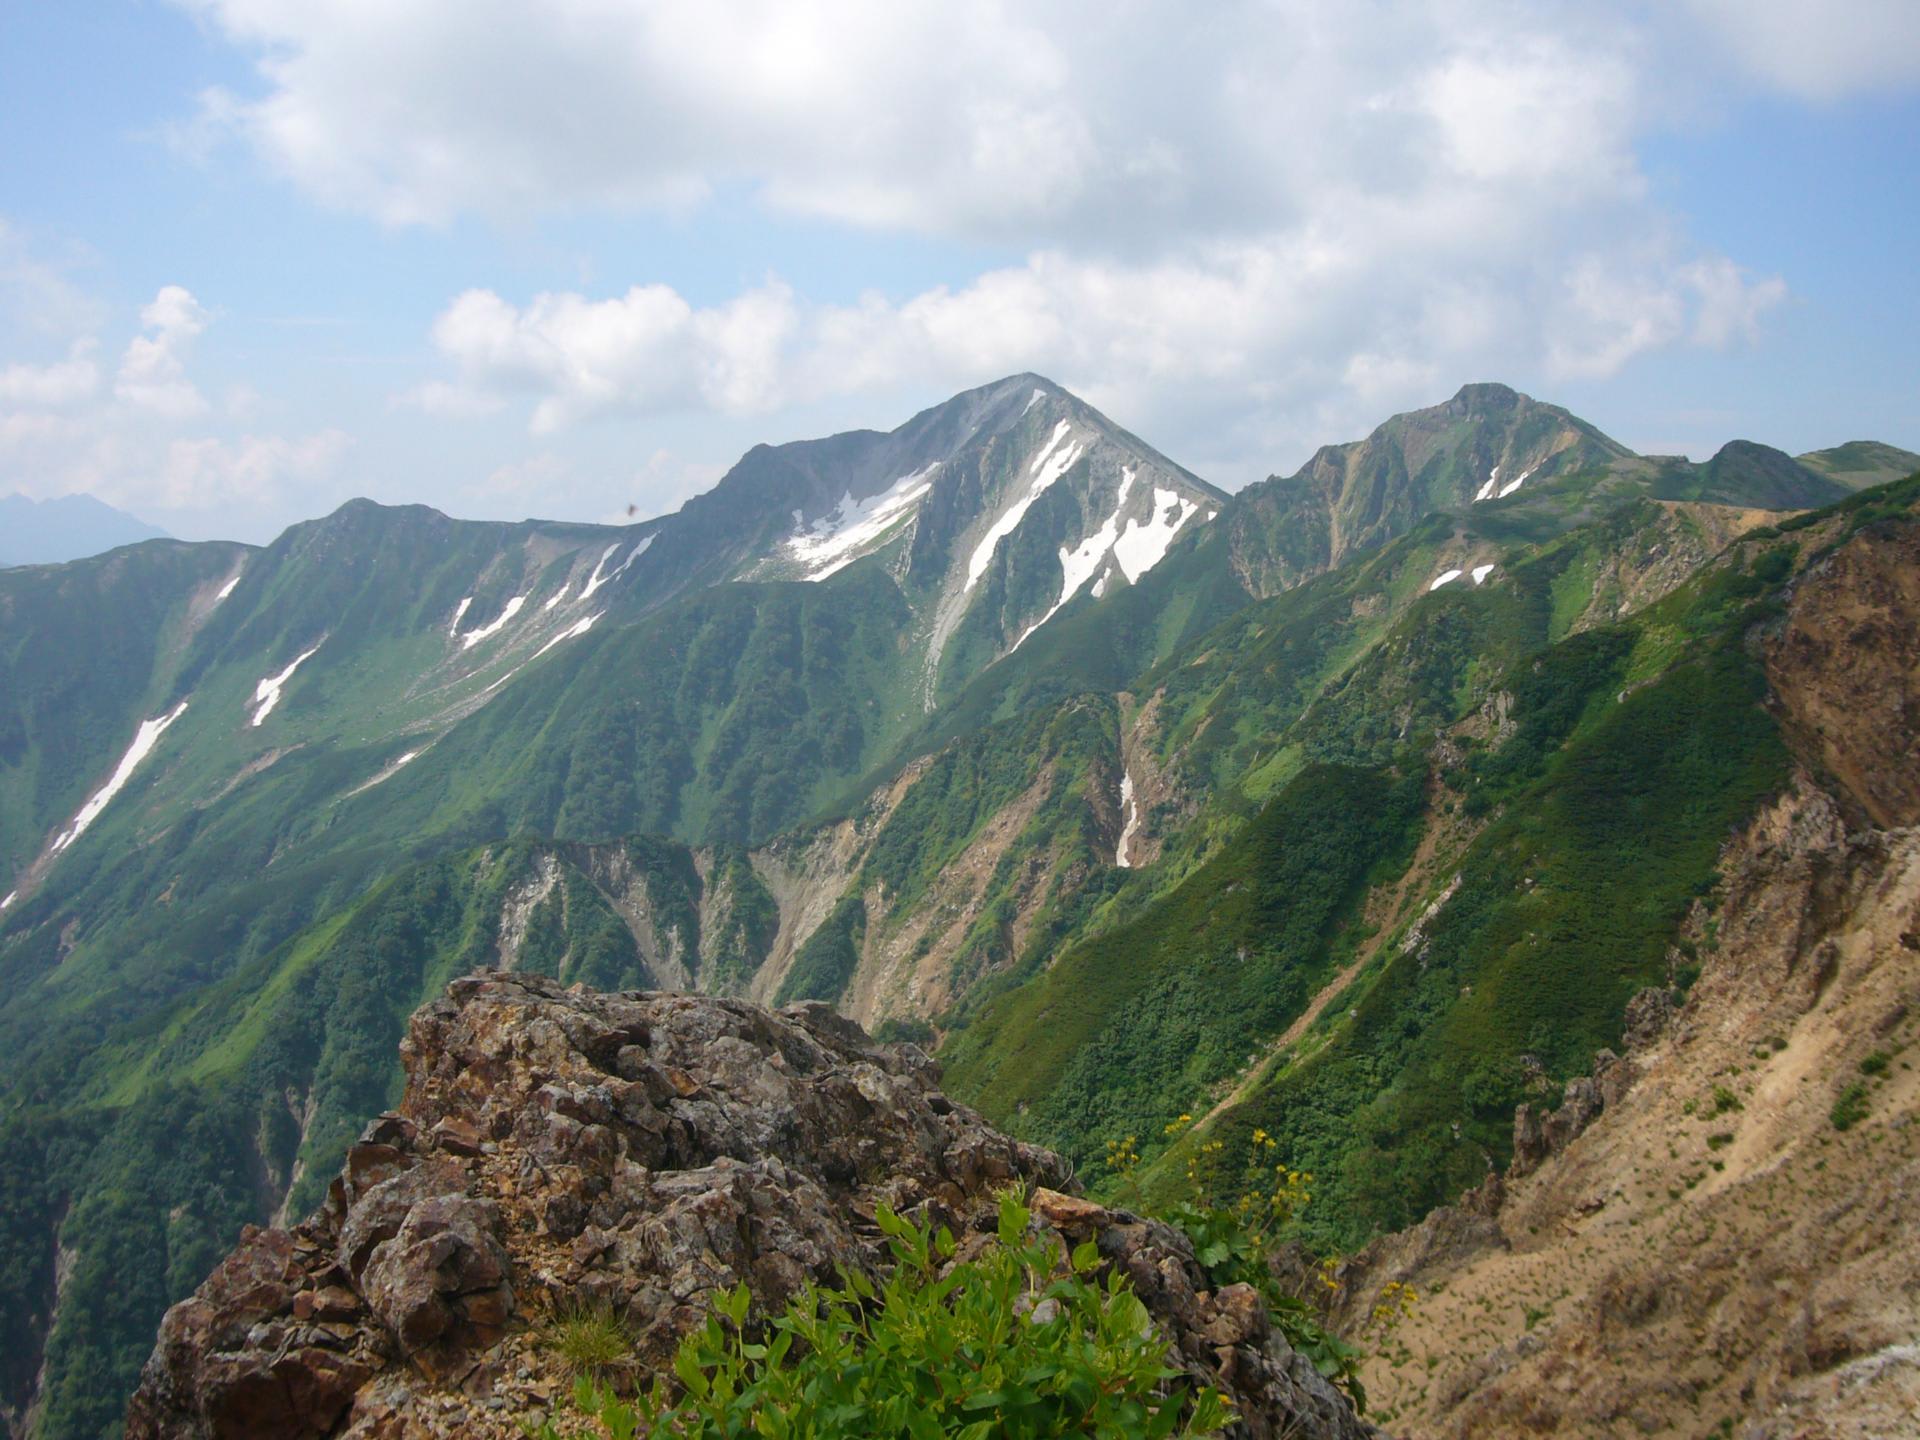 五郎 岳 野口 野口五郎岳|1泊2日で「裏銀座」の稜線を歩ける、いいとこ取りプランを紹介!|YAMA HACK